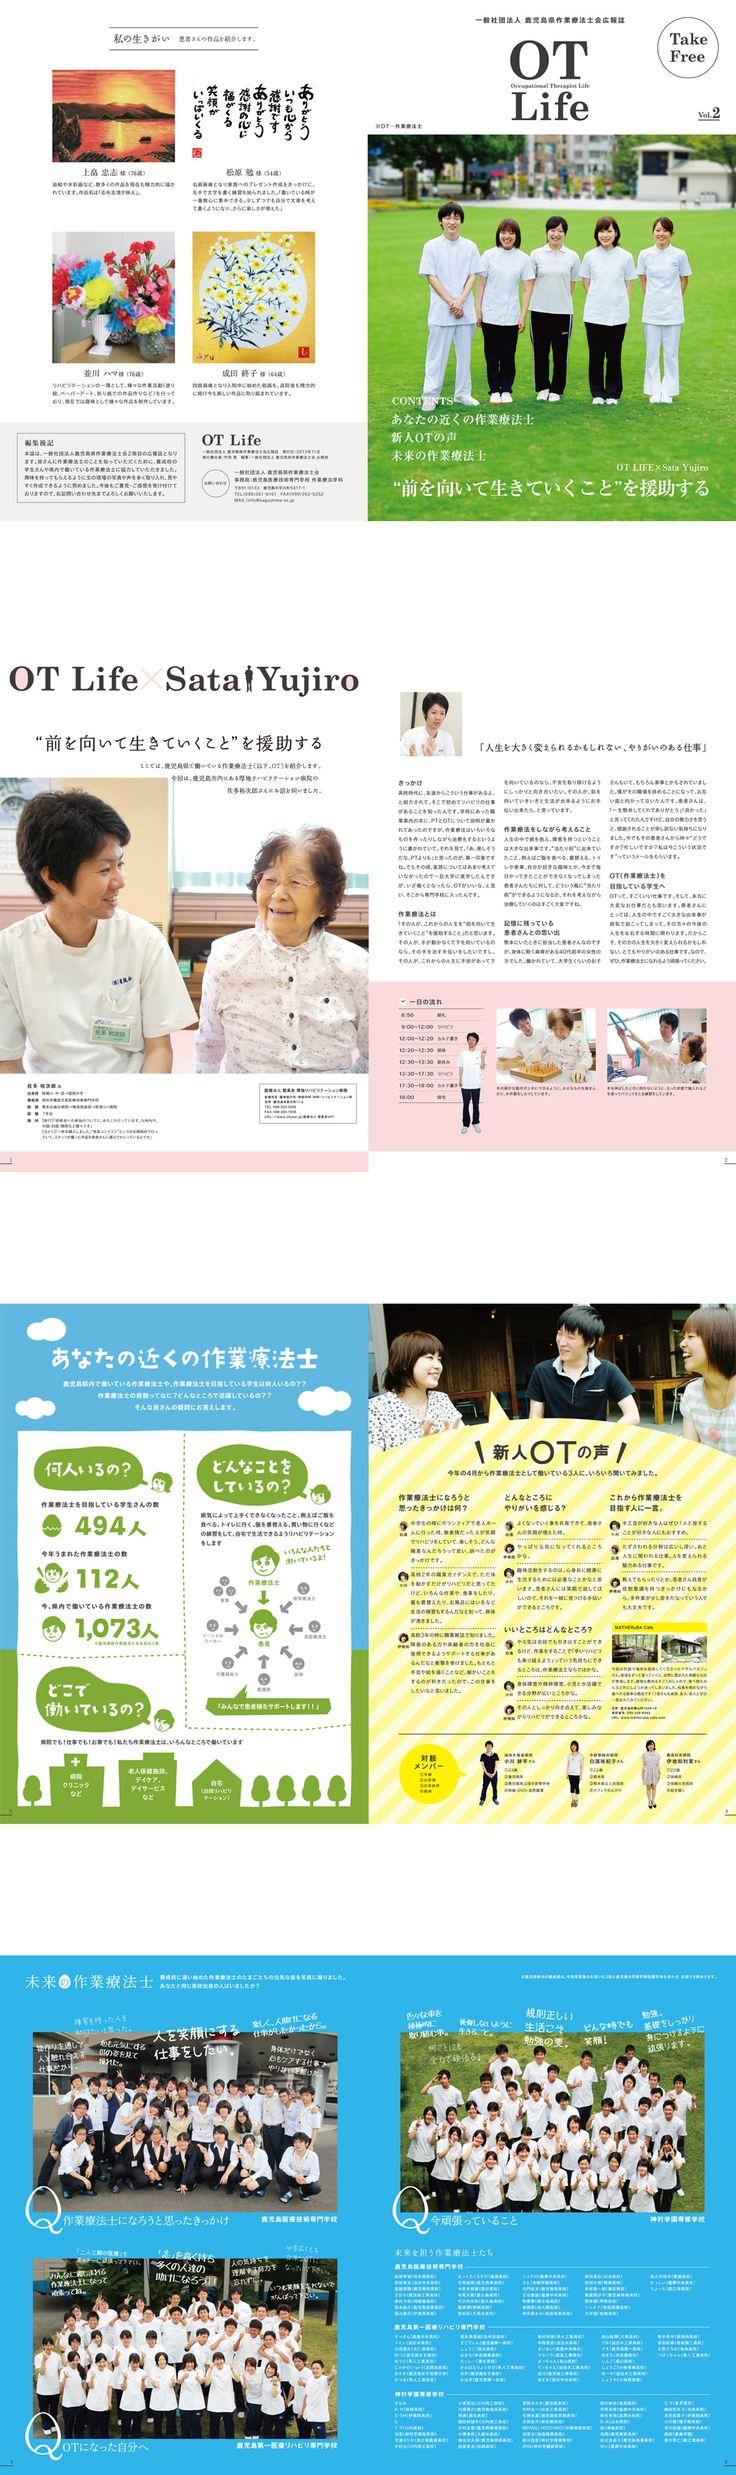 鹿児島県作業療法士会 広報誌「OT Life」vol.2 | ホームページ制作 パンフレット作成 鹿児島の制作会社クラウド